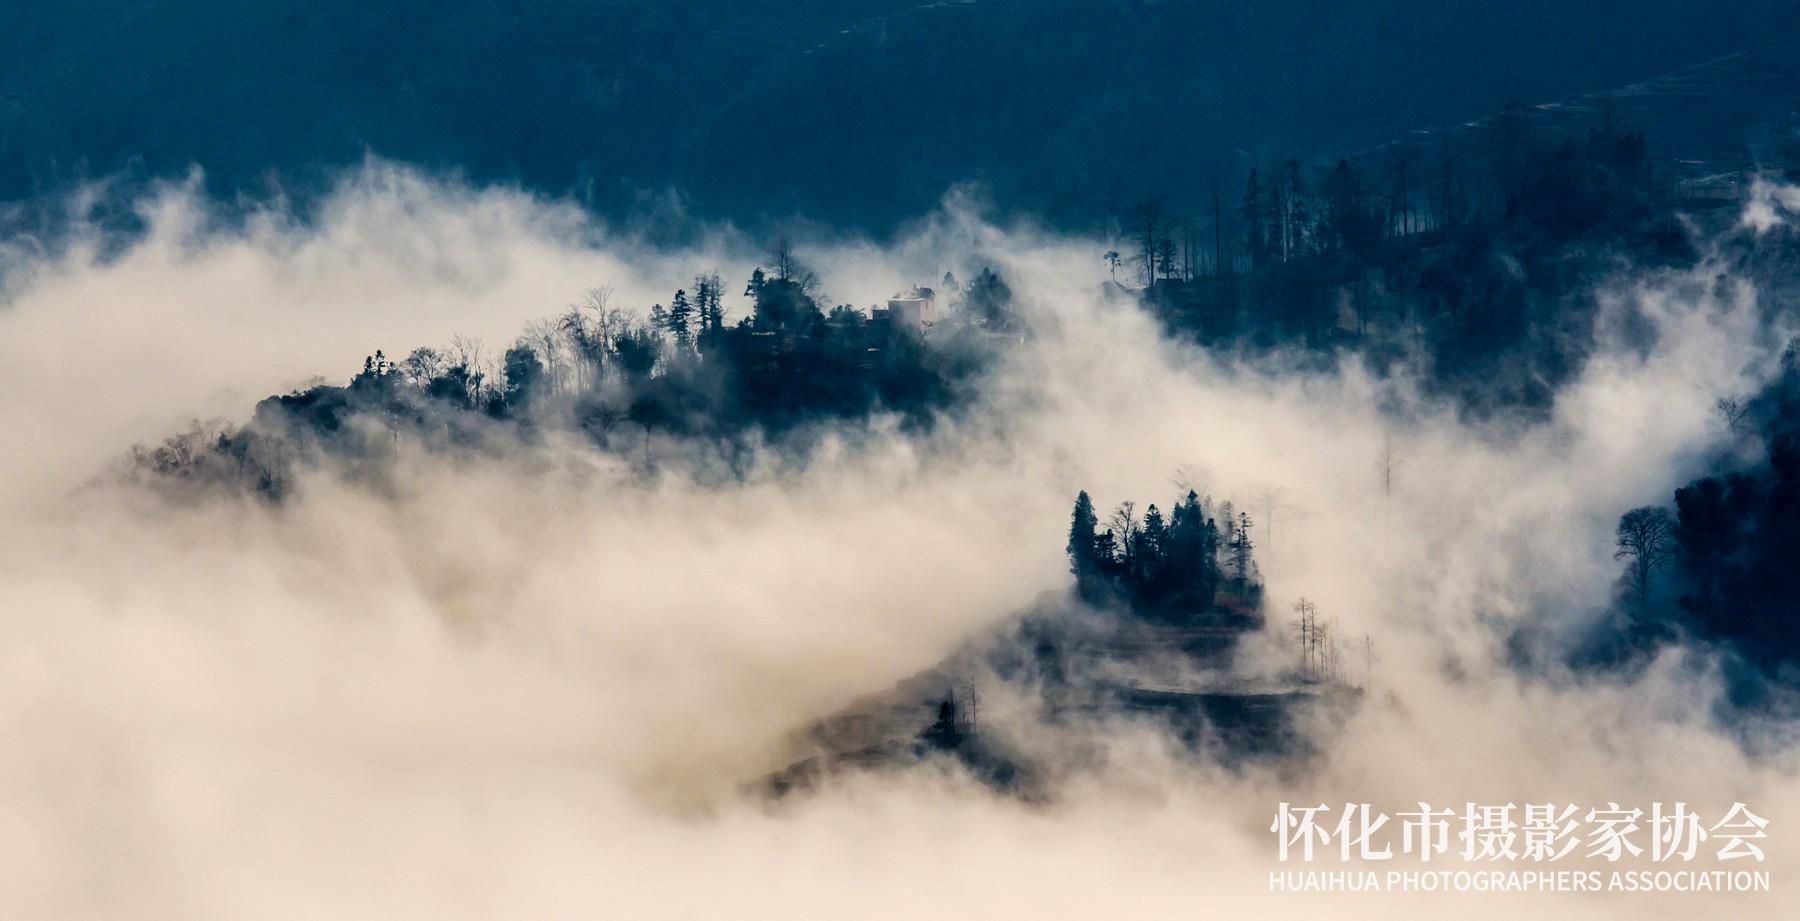 《雾锁云山》吴晓丽